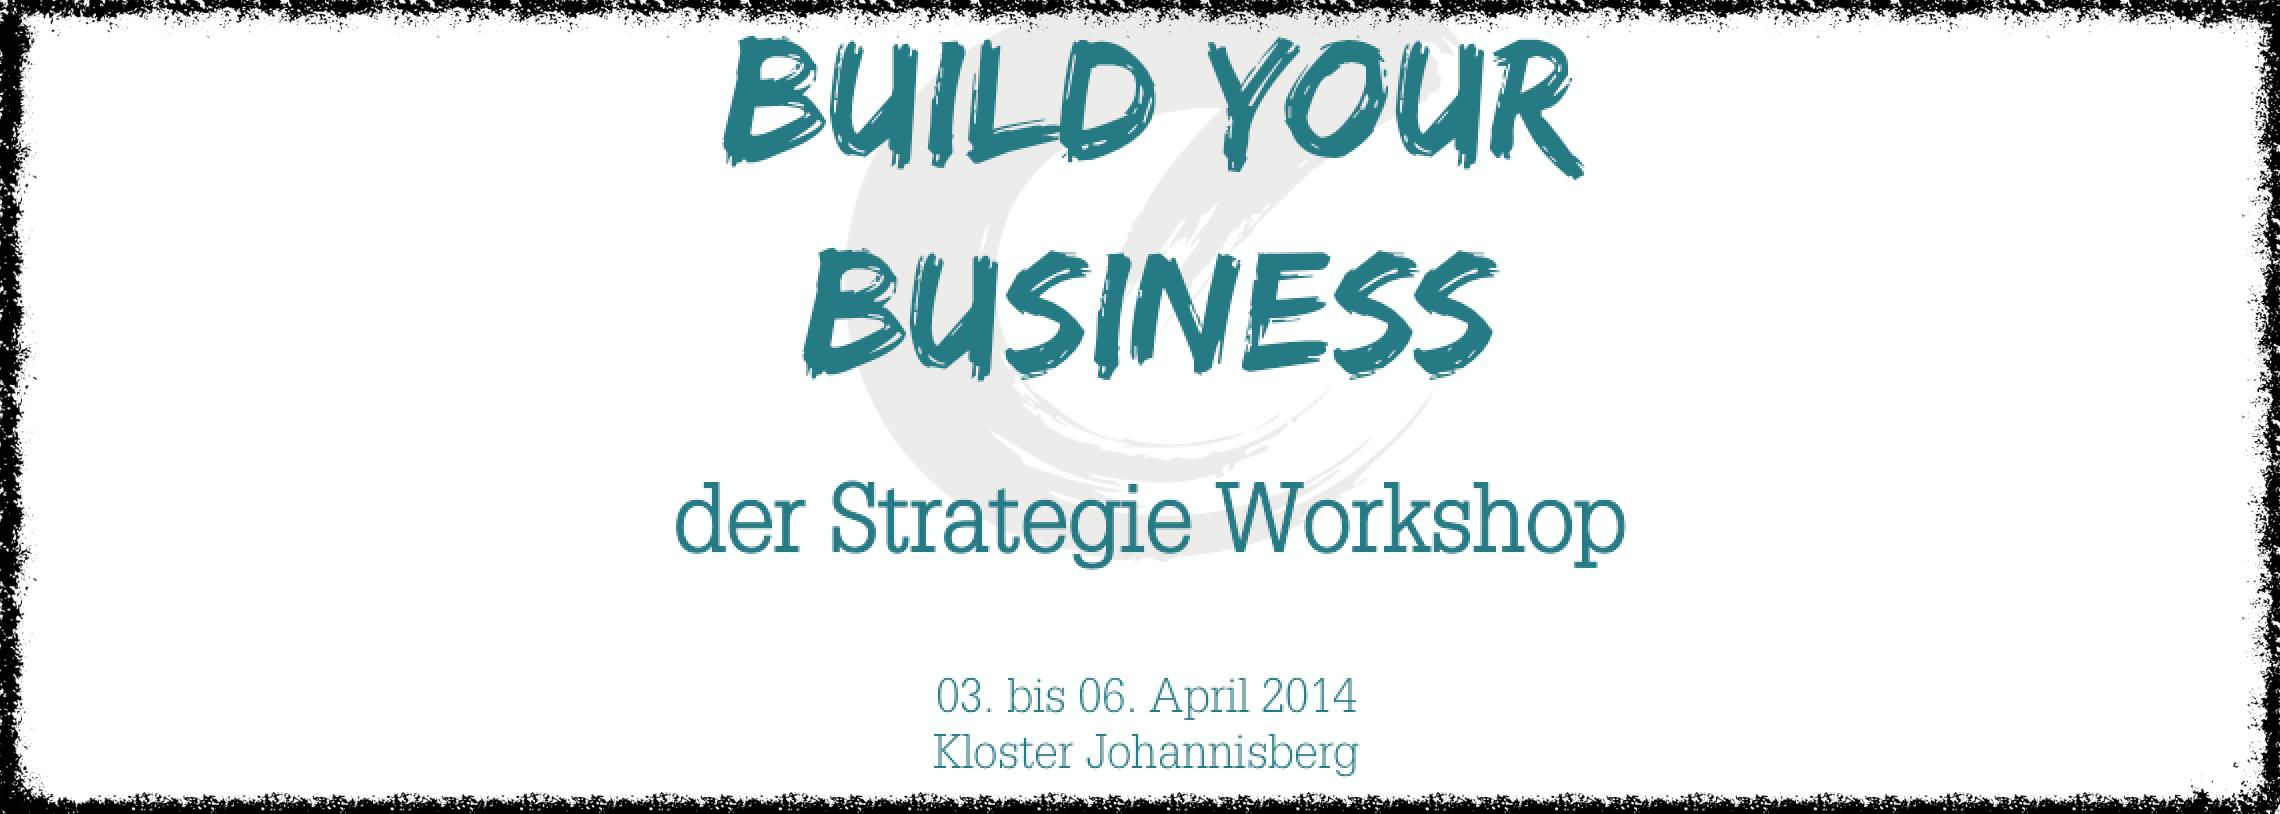 Build Your Business – die letzten Vorbereitungen laufen !